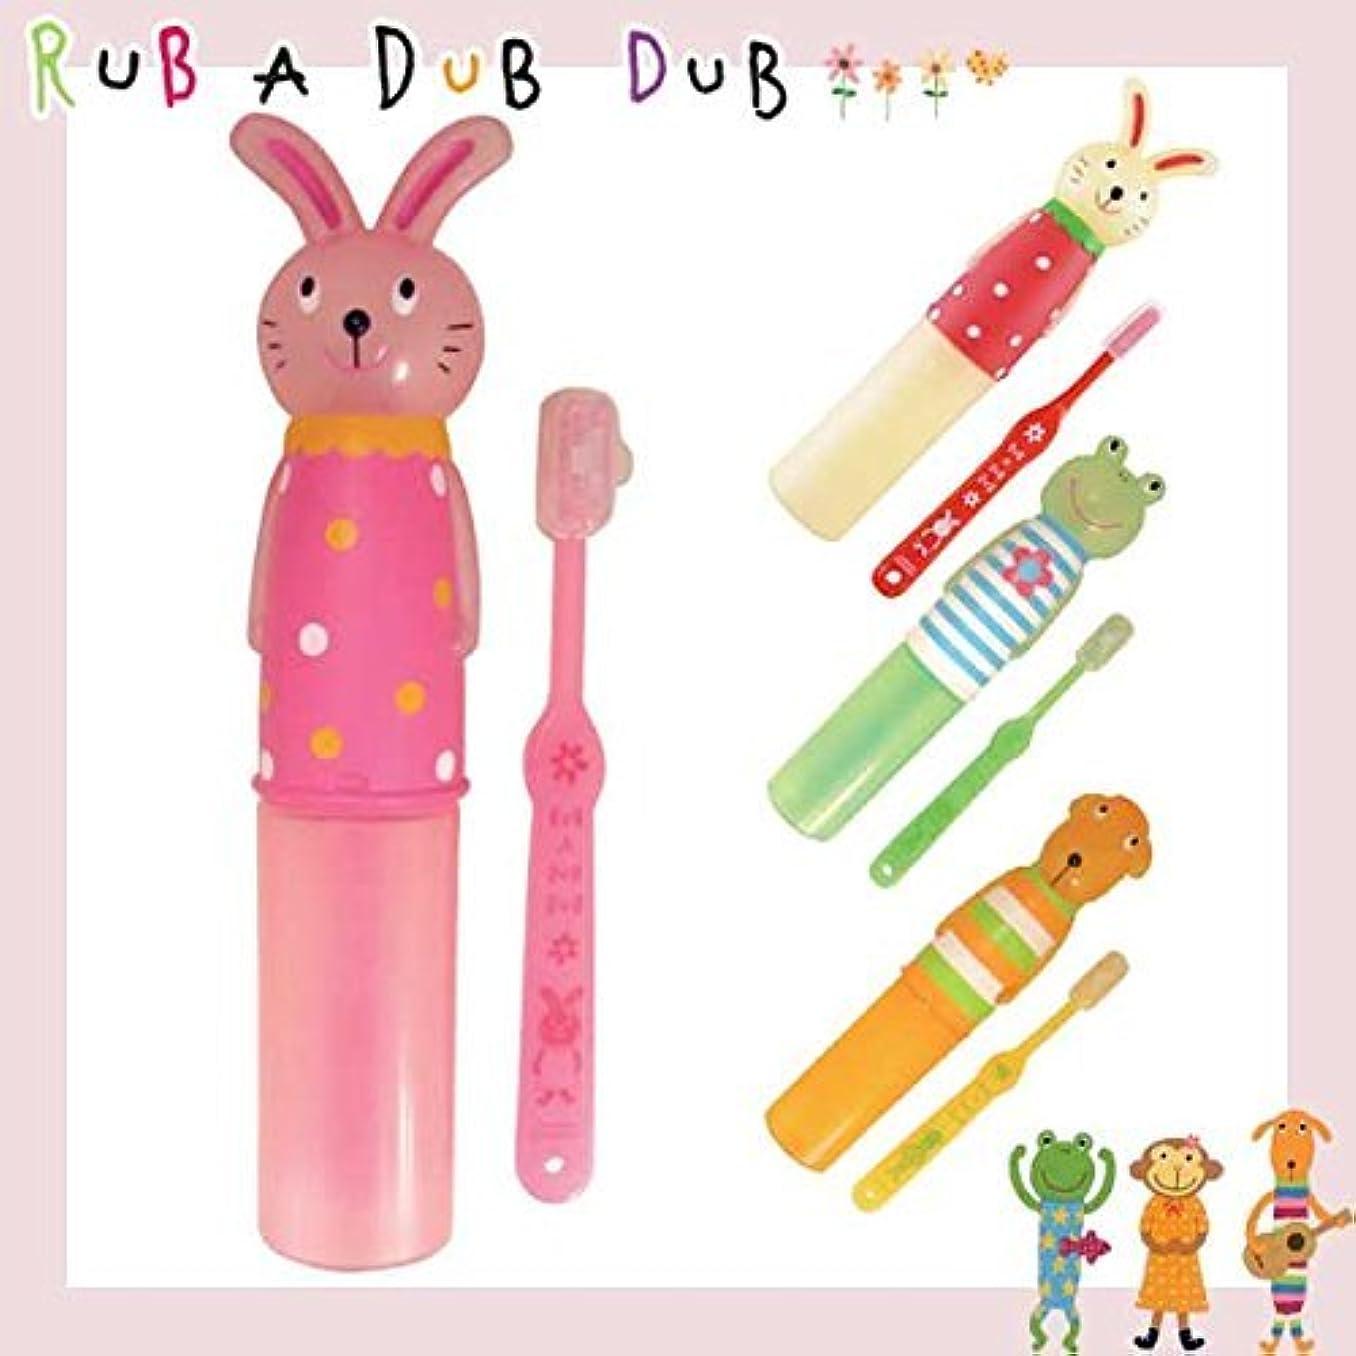 背景教養がある呼吸する510065/RUB A DUB DUB/R.ハブラシセット(ウサギ)/モンスイユ/ラブアダブダブ/キッズ/ベビー/アニマル/洗面所/歯磨き/ギフト/プレゼント